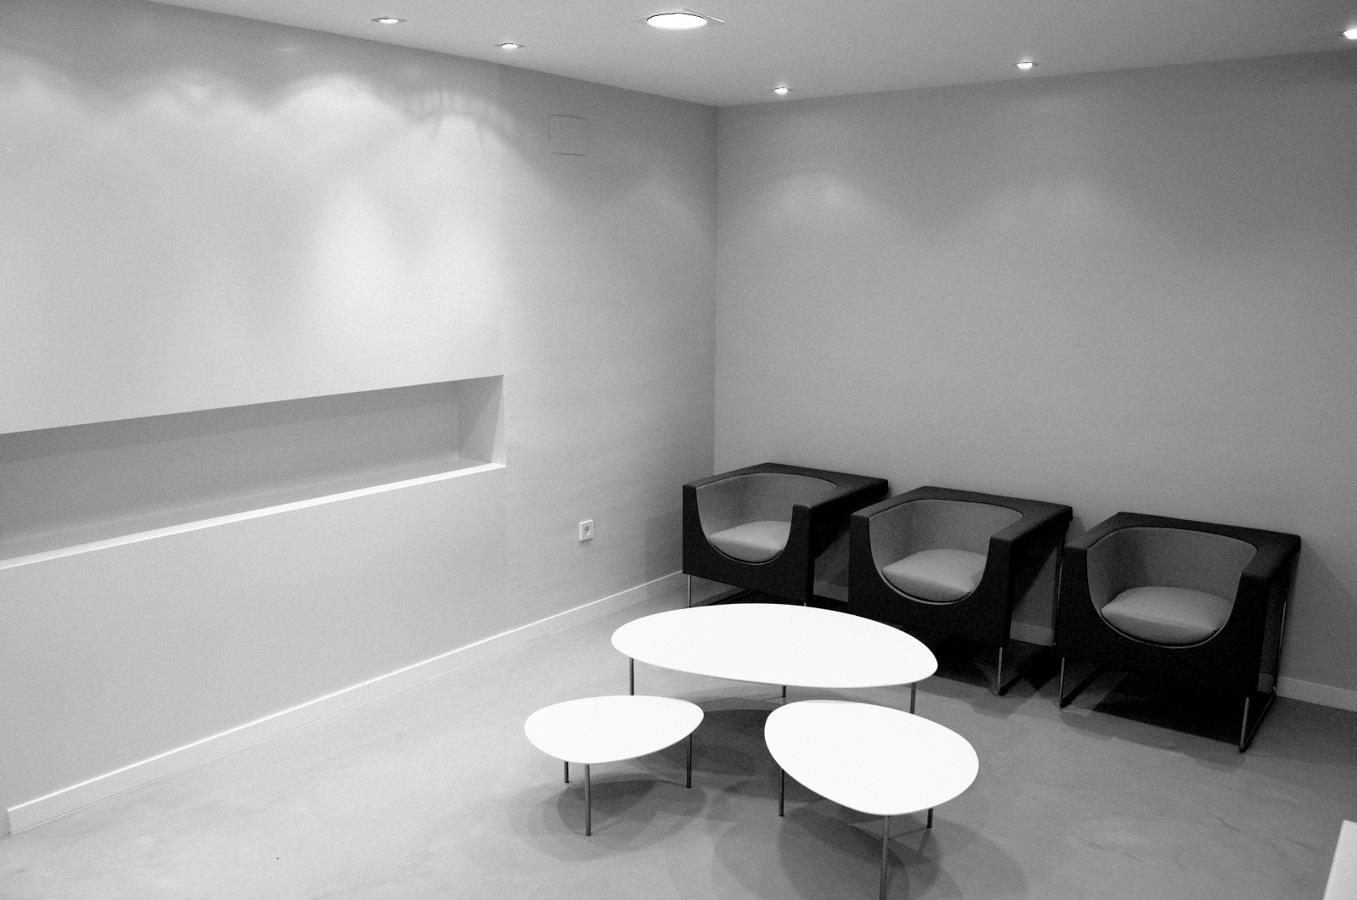 Sala espera del csi-f Huelva